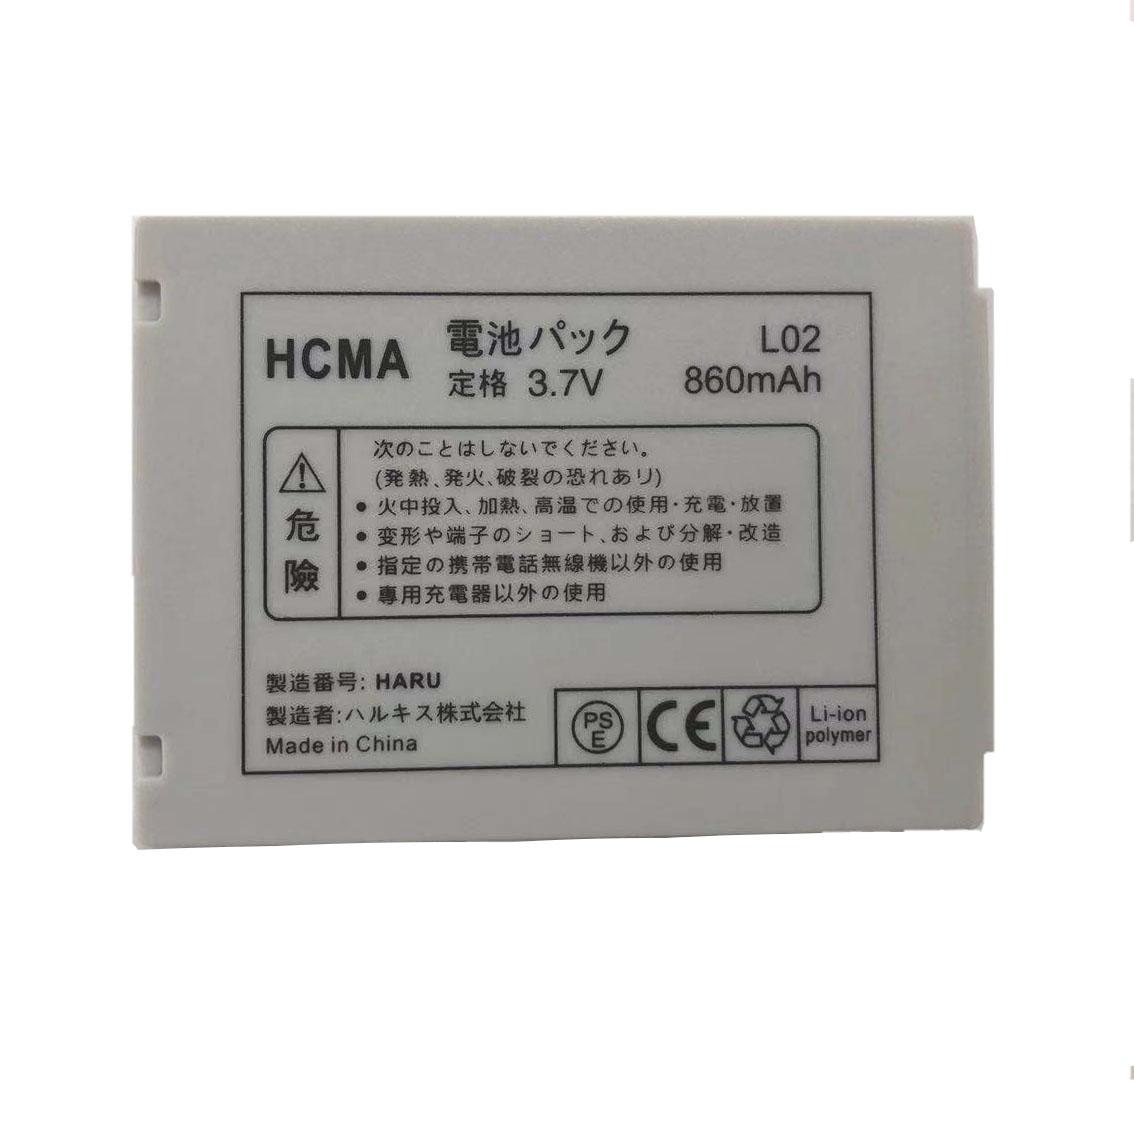 互換新品 電池パック L02 L03A L706ie L705ix L705i L602i L601i  新品 NTTドコモ L02 [L03A,L706ie,L705ix,L705i,L602i,L601i対応]用互換電池パック「PSE認証取得済」